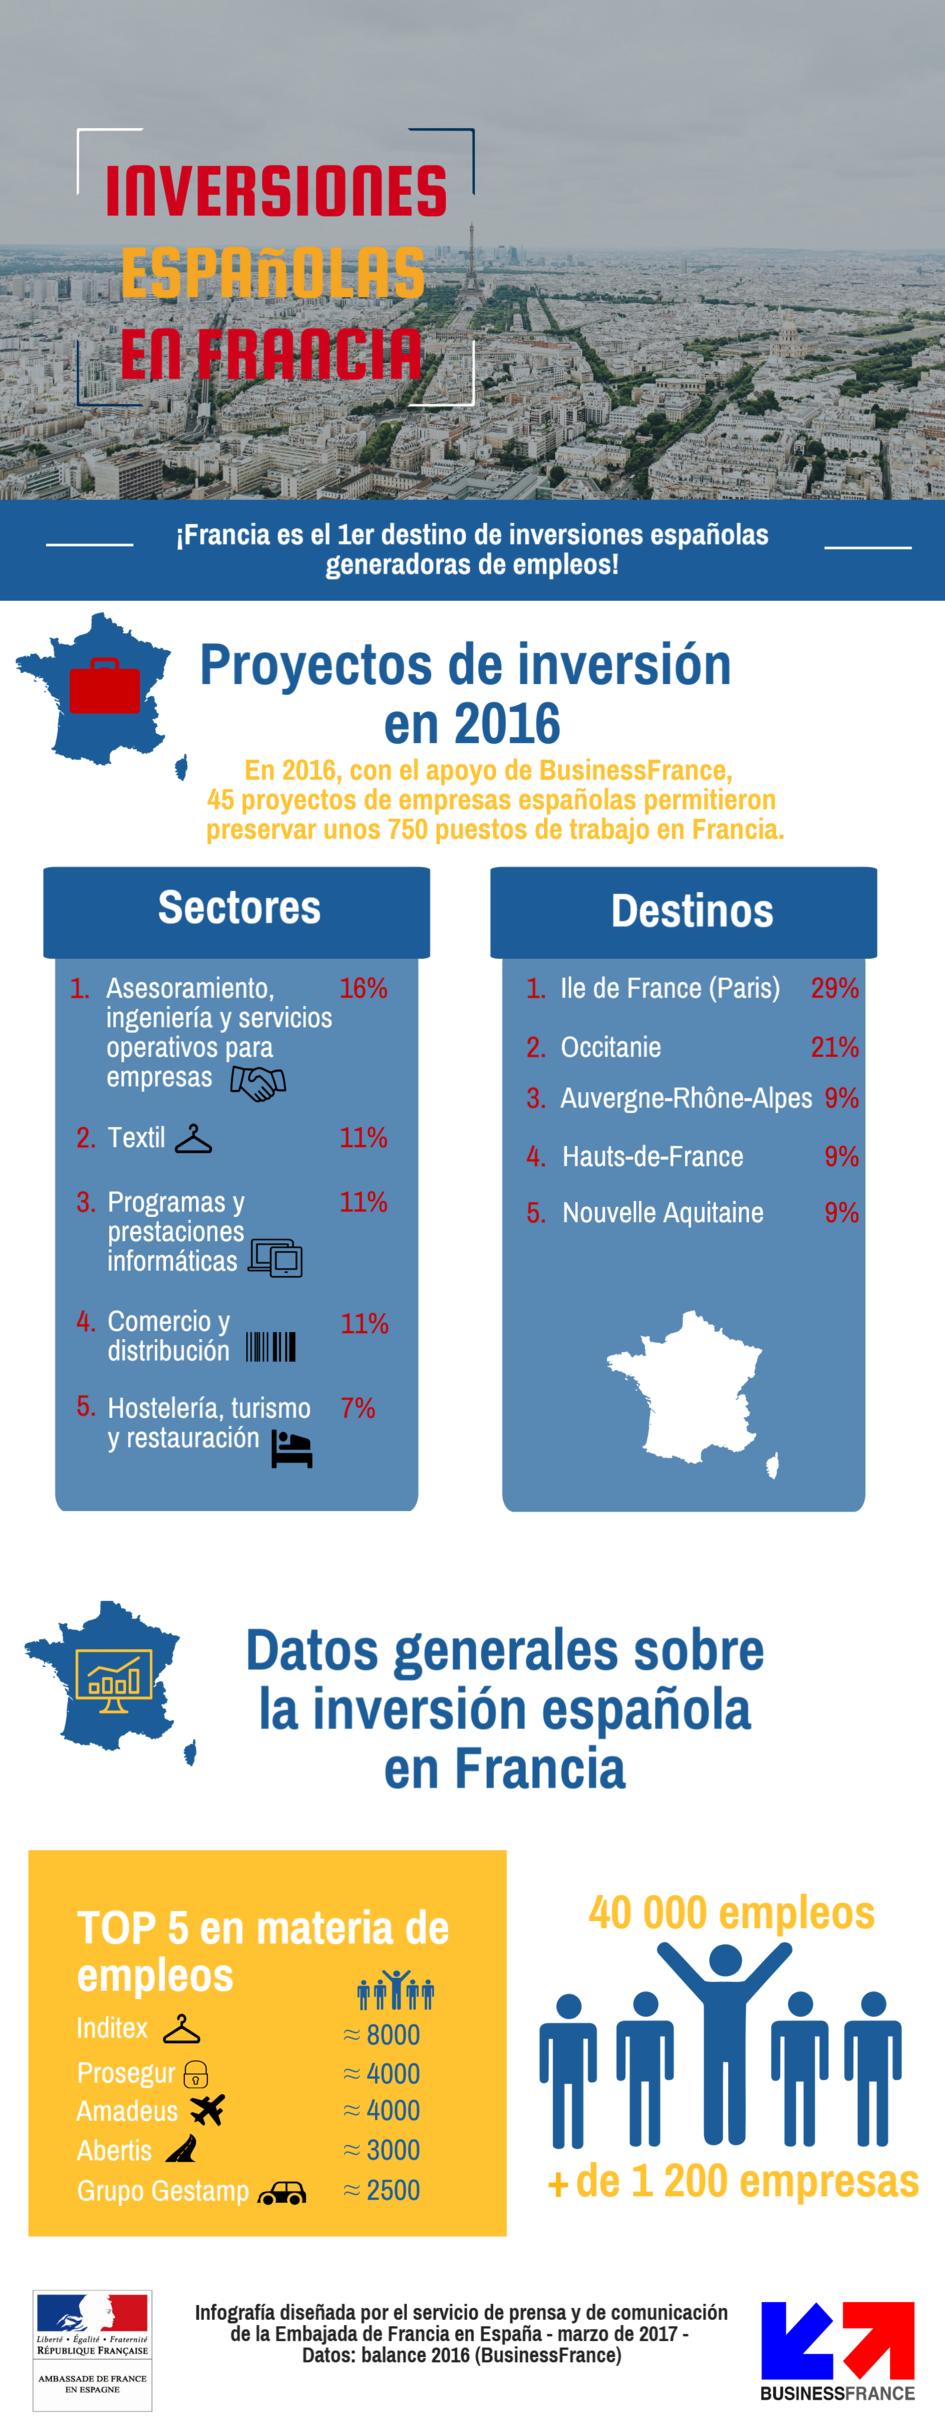 Las inversiones espa olas en francia ambassade de france en espagne embajada de francia en - Oficina turismo paris en madrid ...